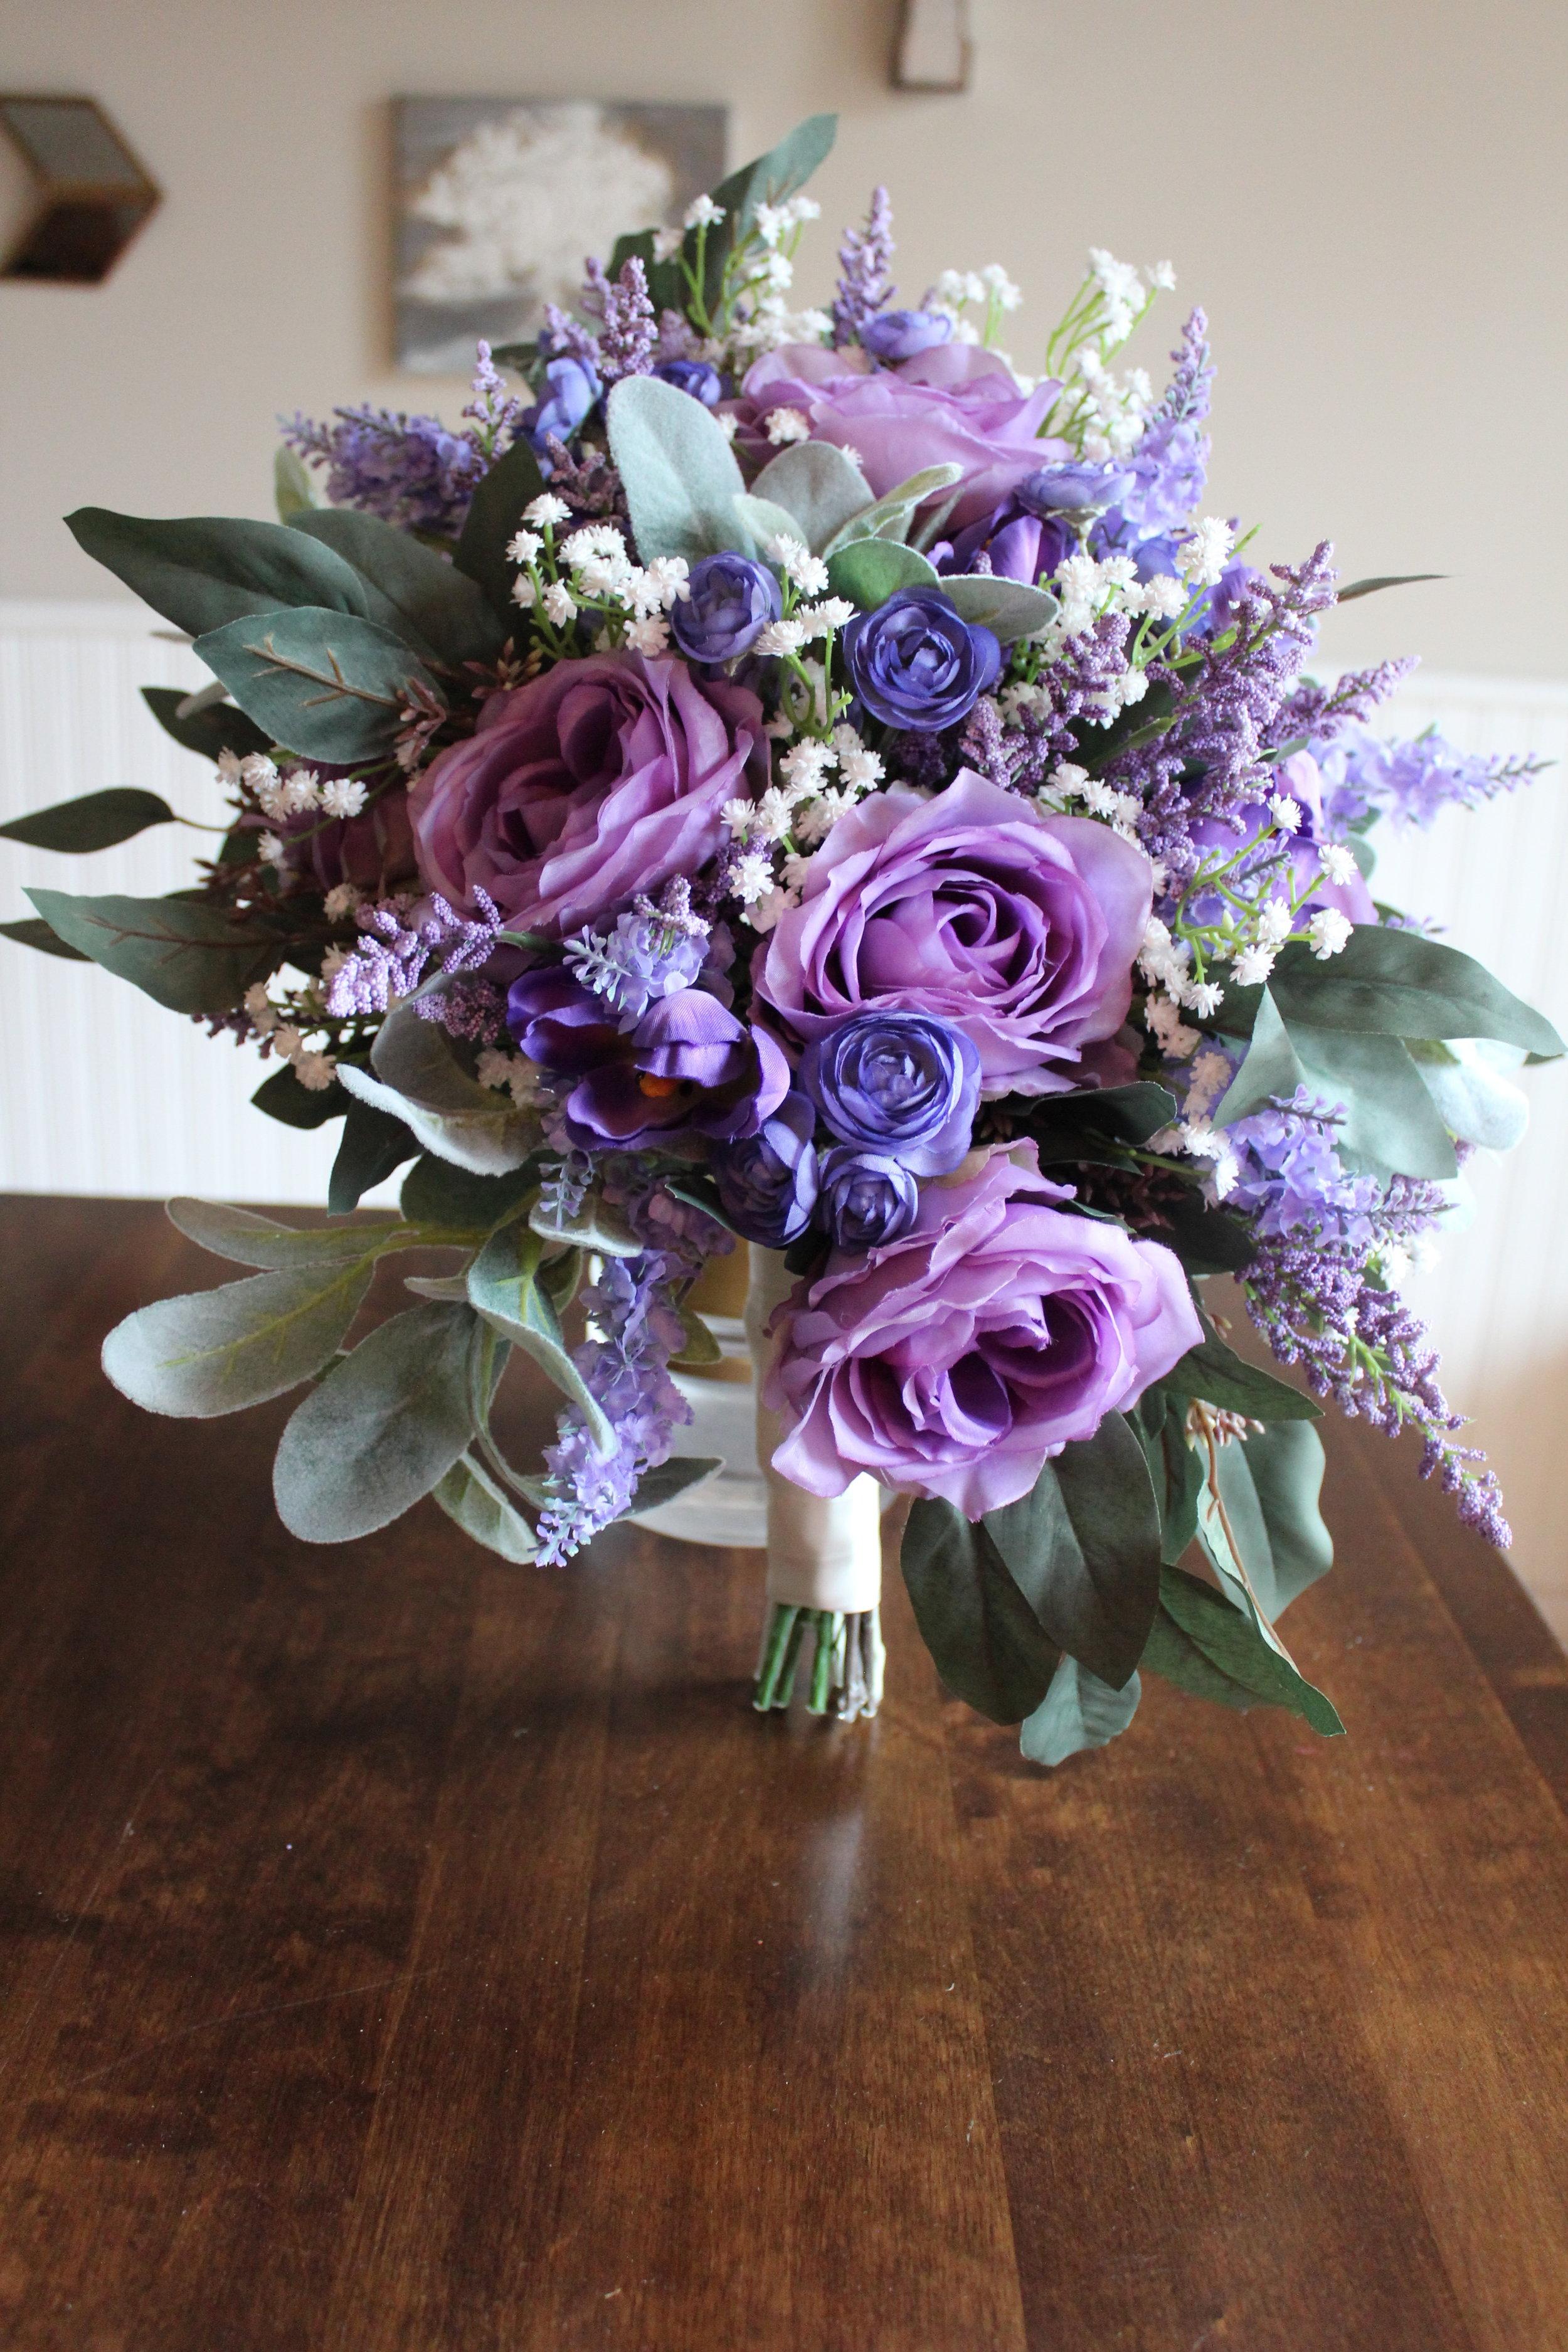 silk-bridal-bouquet-wedding-flowers-custom-made.jpg